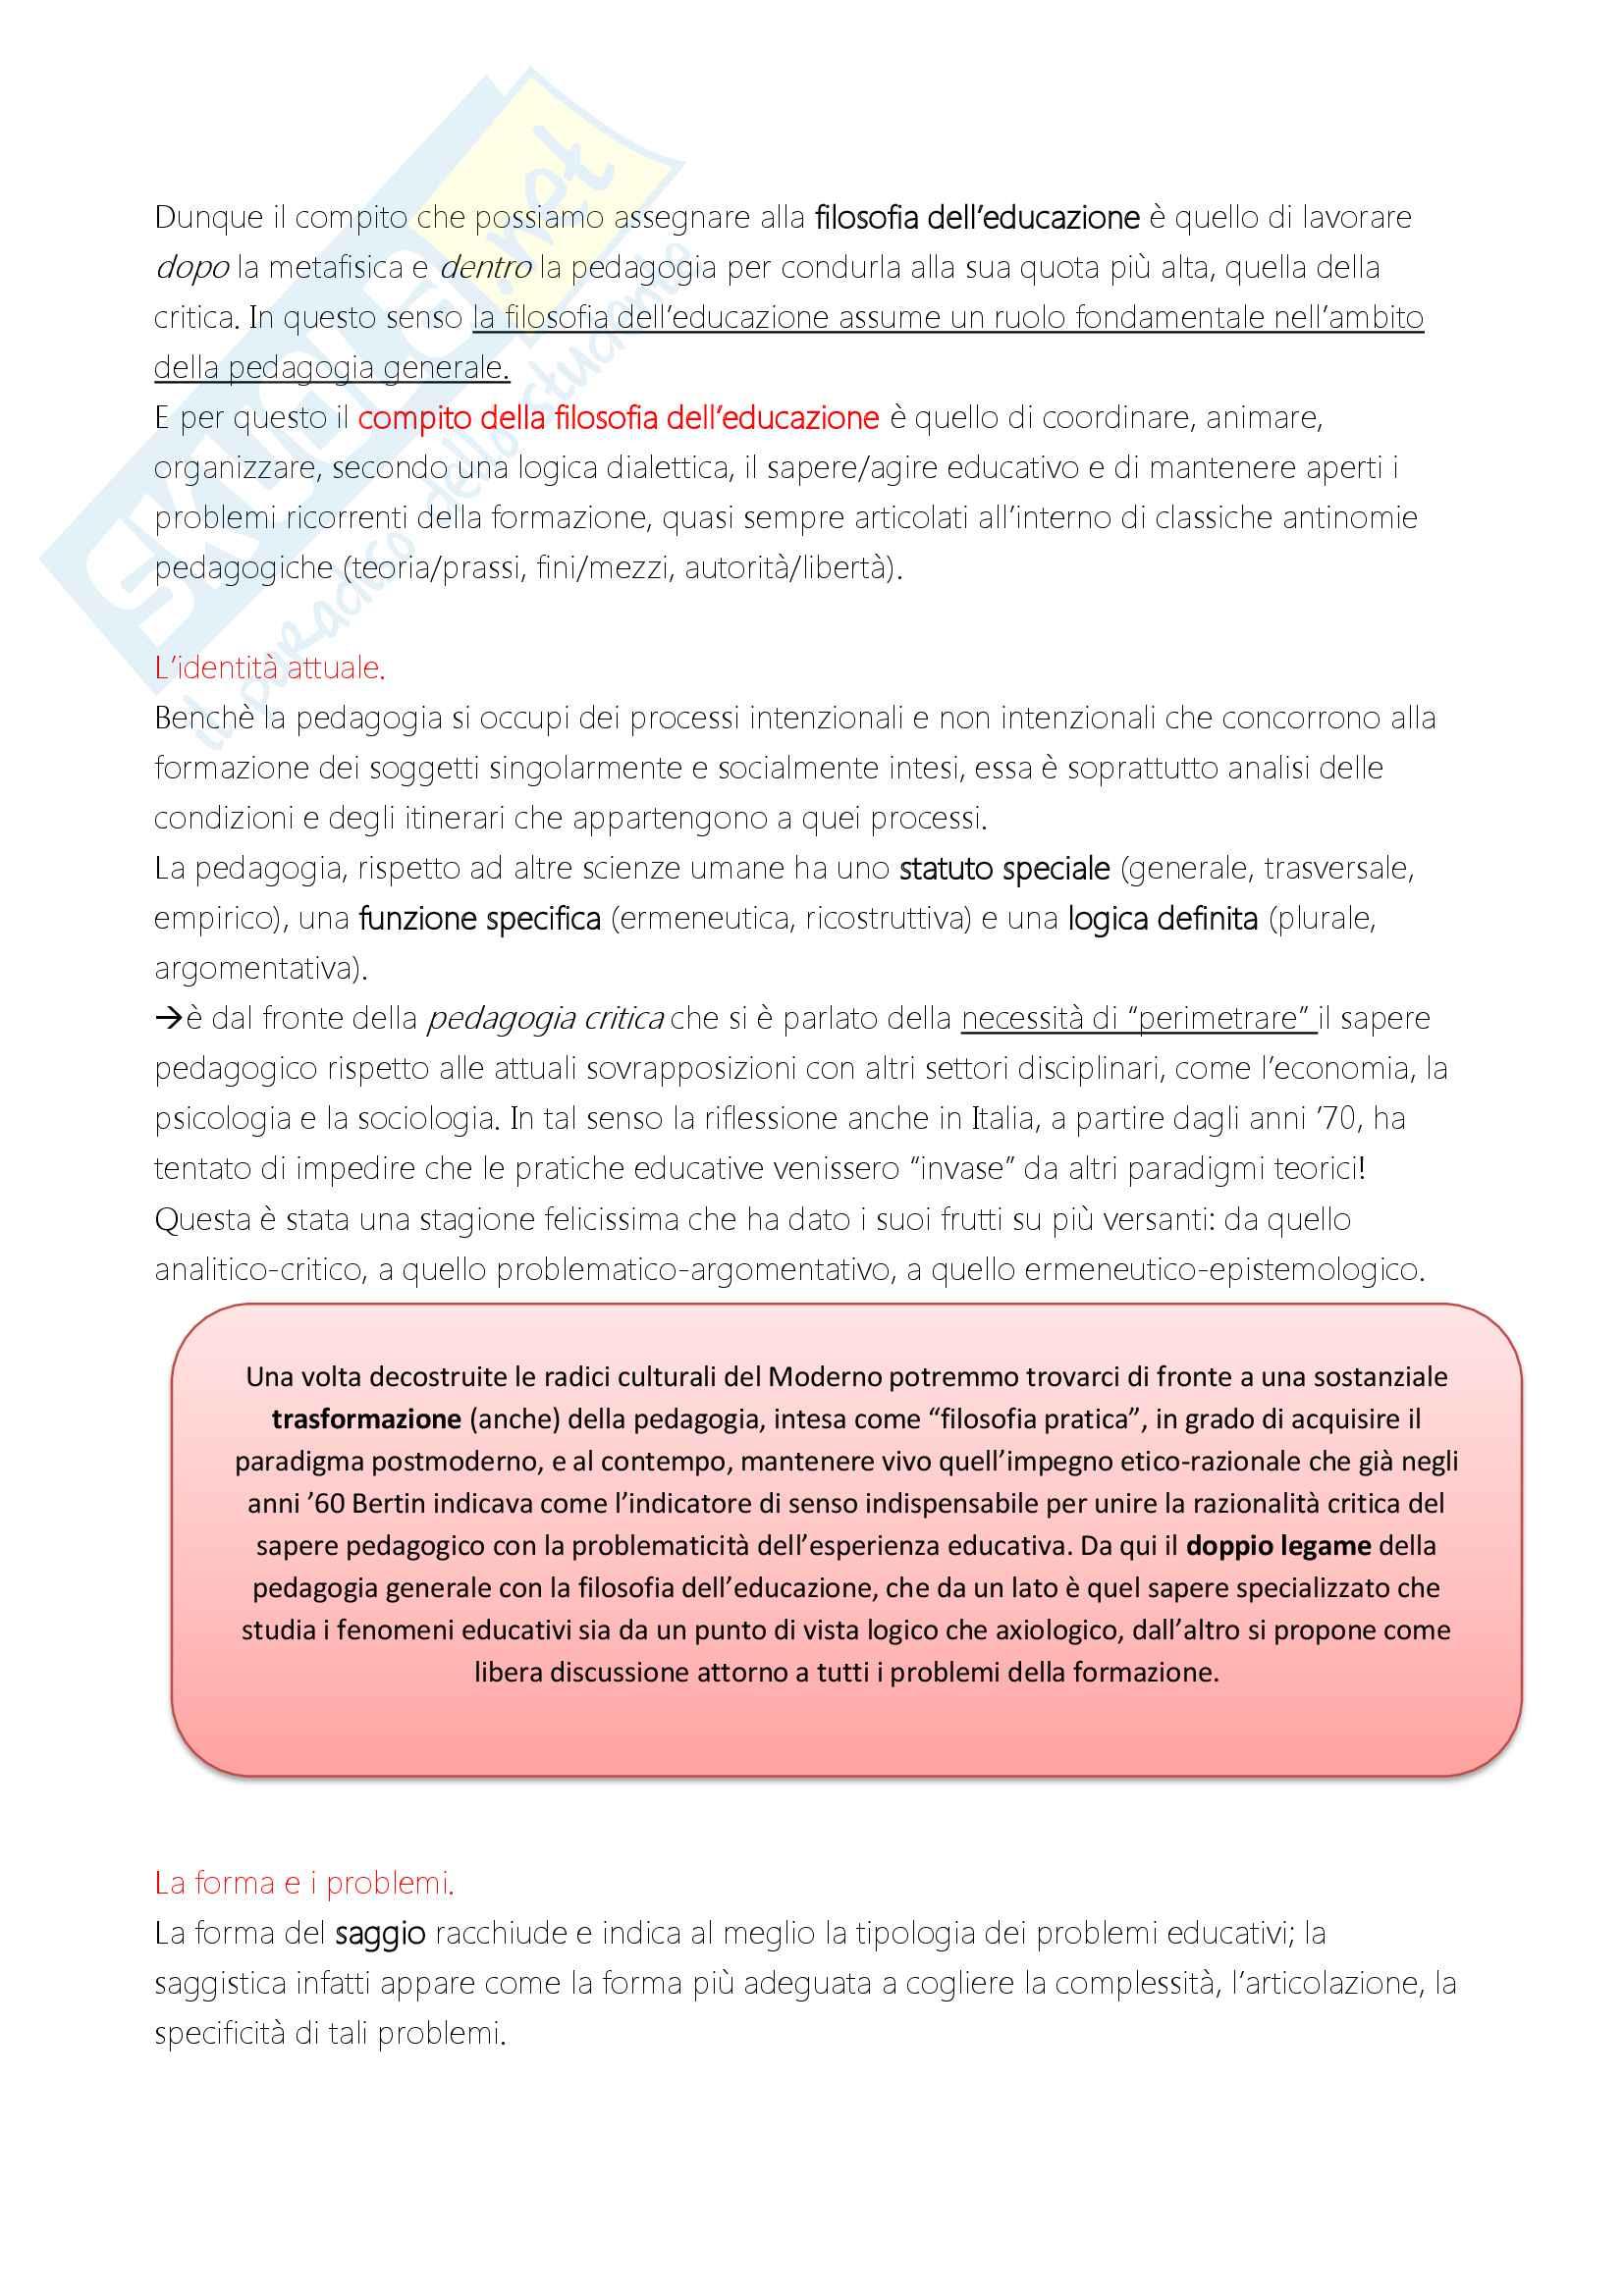 """Riassunto esame """"Filosofia dell'educazione"""", docente Alessandro Mariani, libro consigliato """"Elementi di filosofia dell'educazione"""", di Alessandro Mariani Pag. 2"""